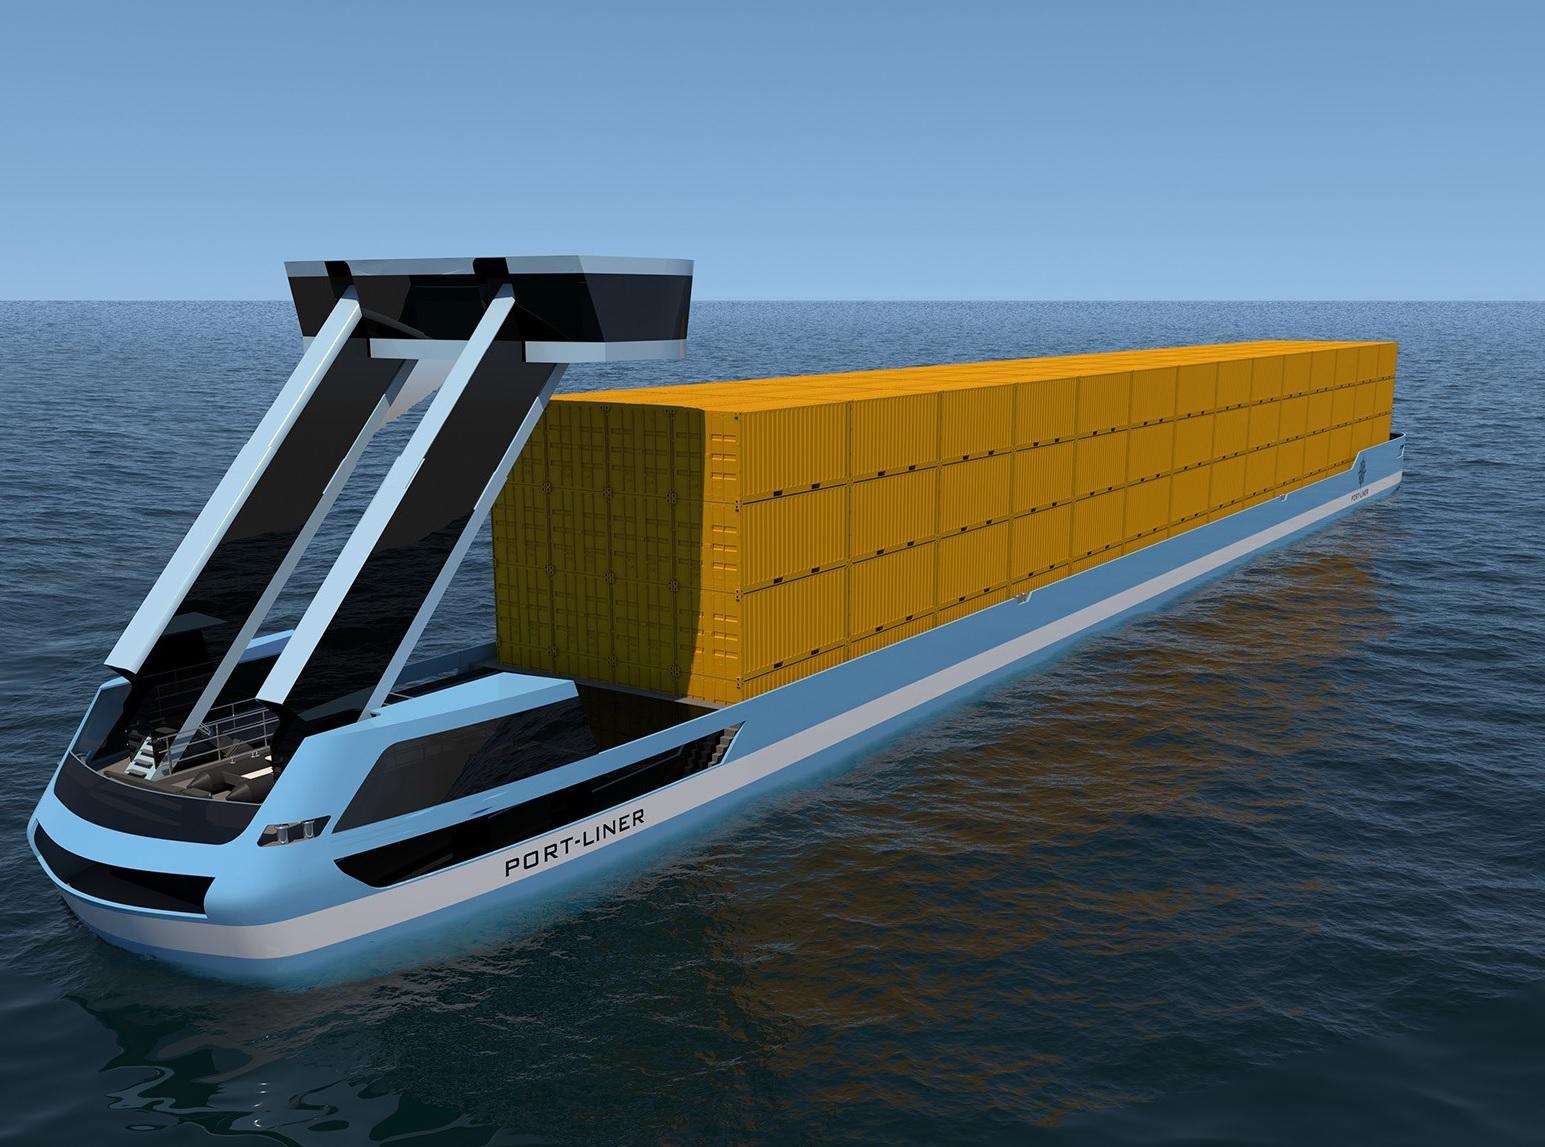 Des barges électriques entre Anvers et les Pays-Bas